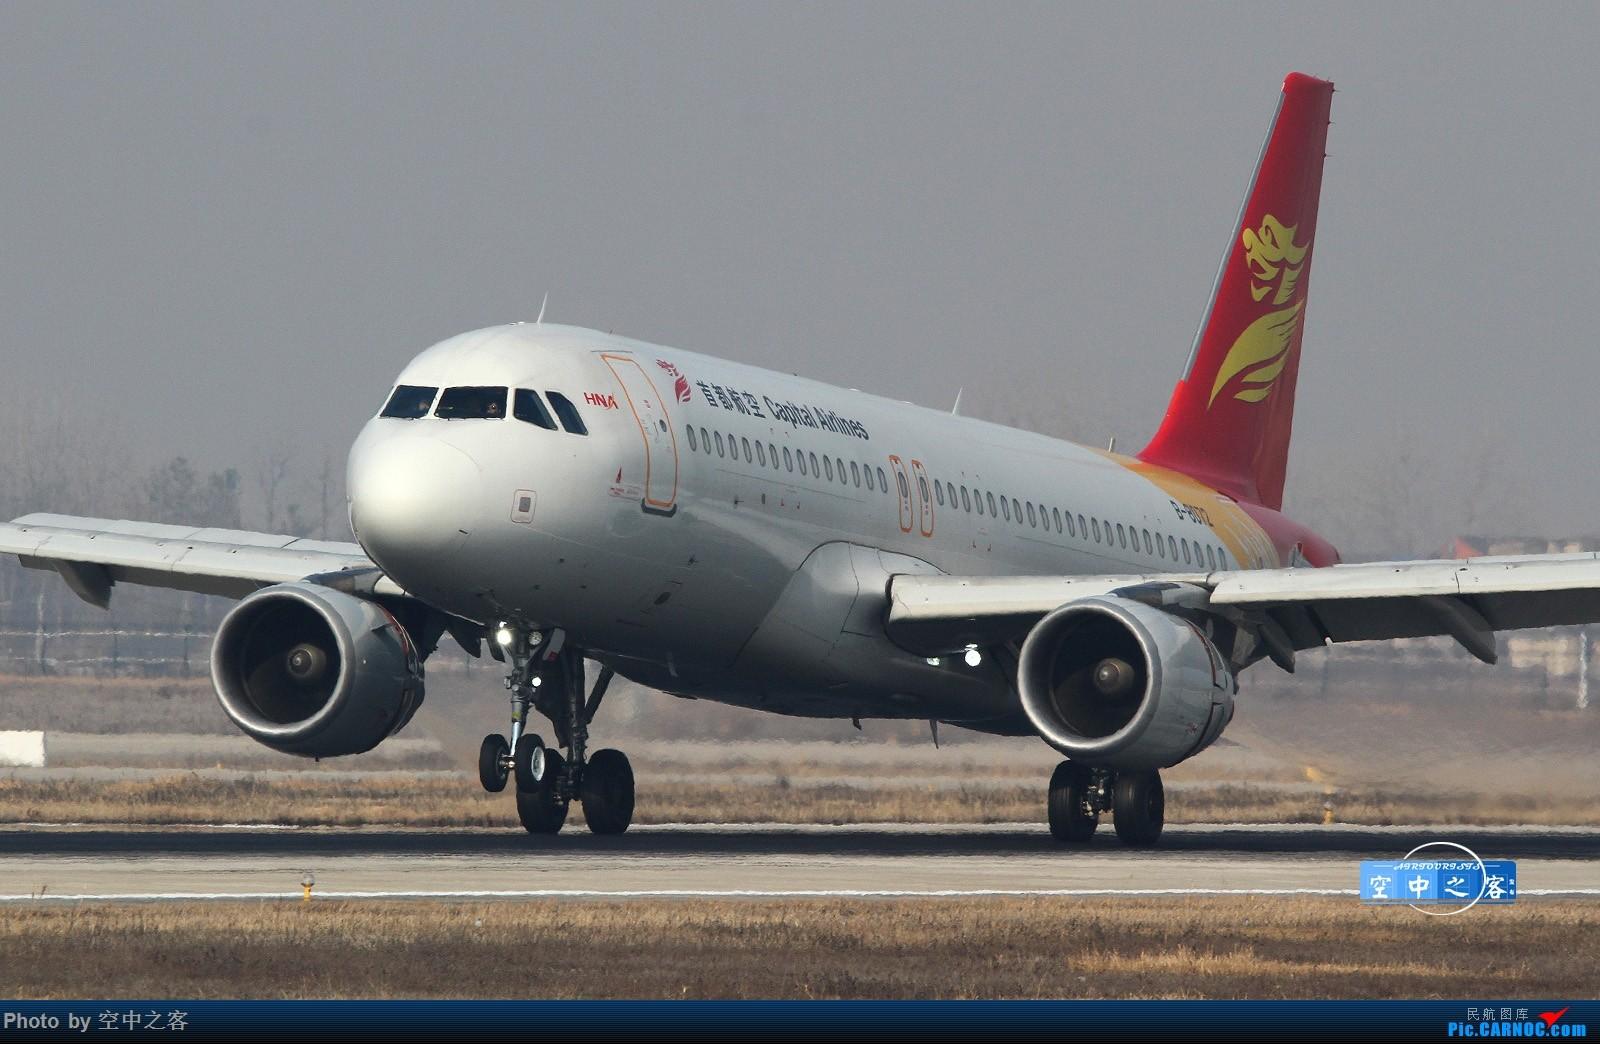 Re:[原创][合肥飞友会·霸都打机队·空中之客发布]2018-19飞友年会拍机第一波 AIRBUS A320-200 B-8072 合肥新桥国际机场